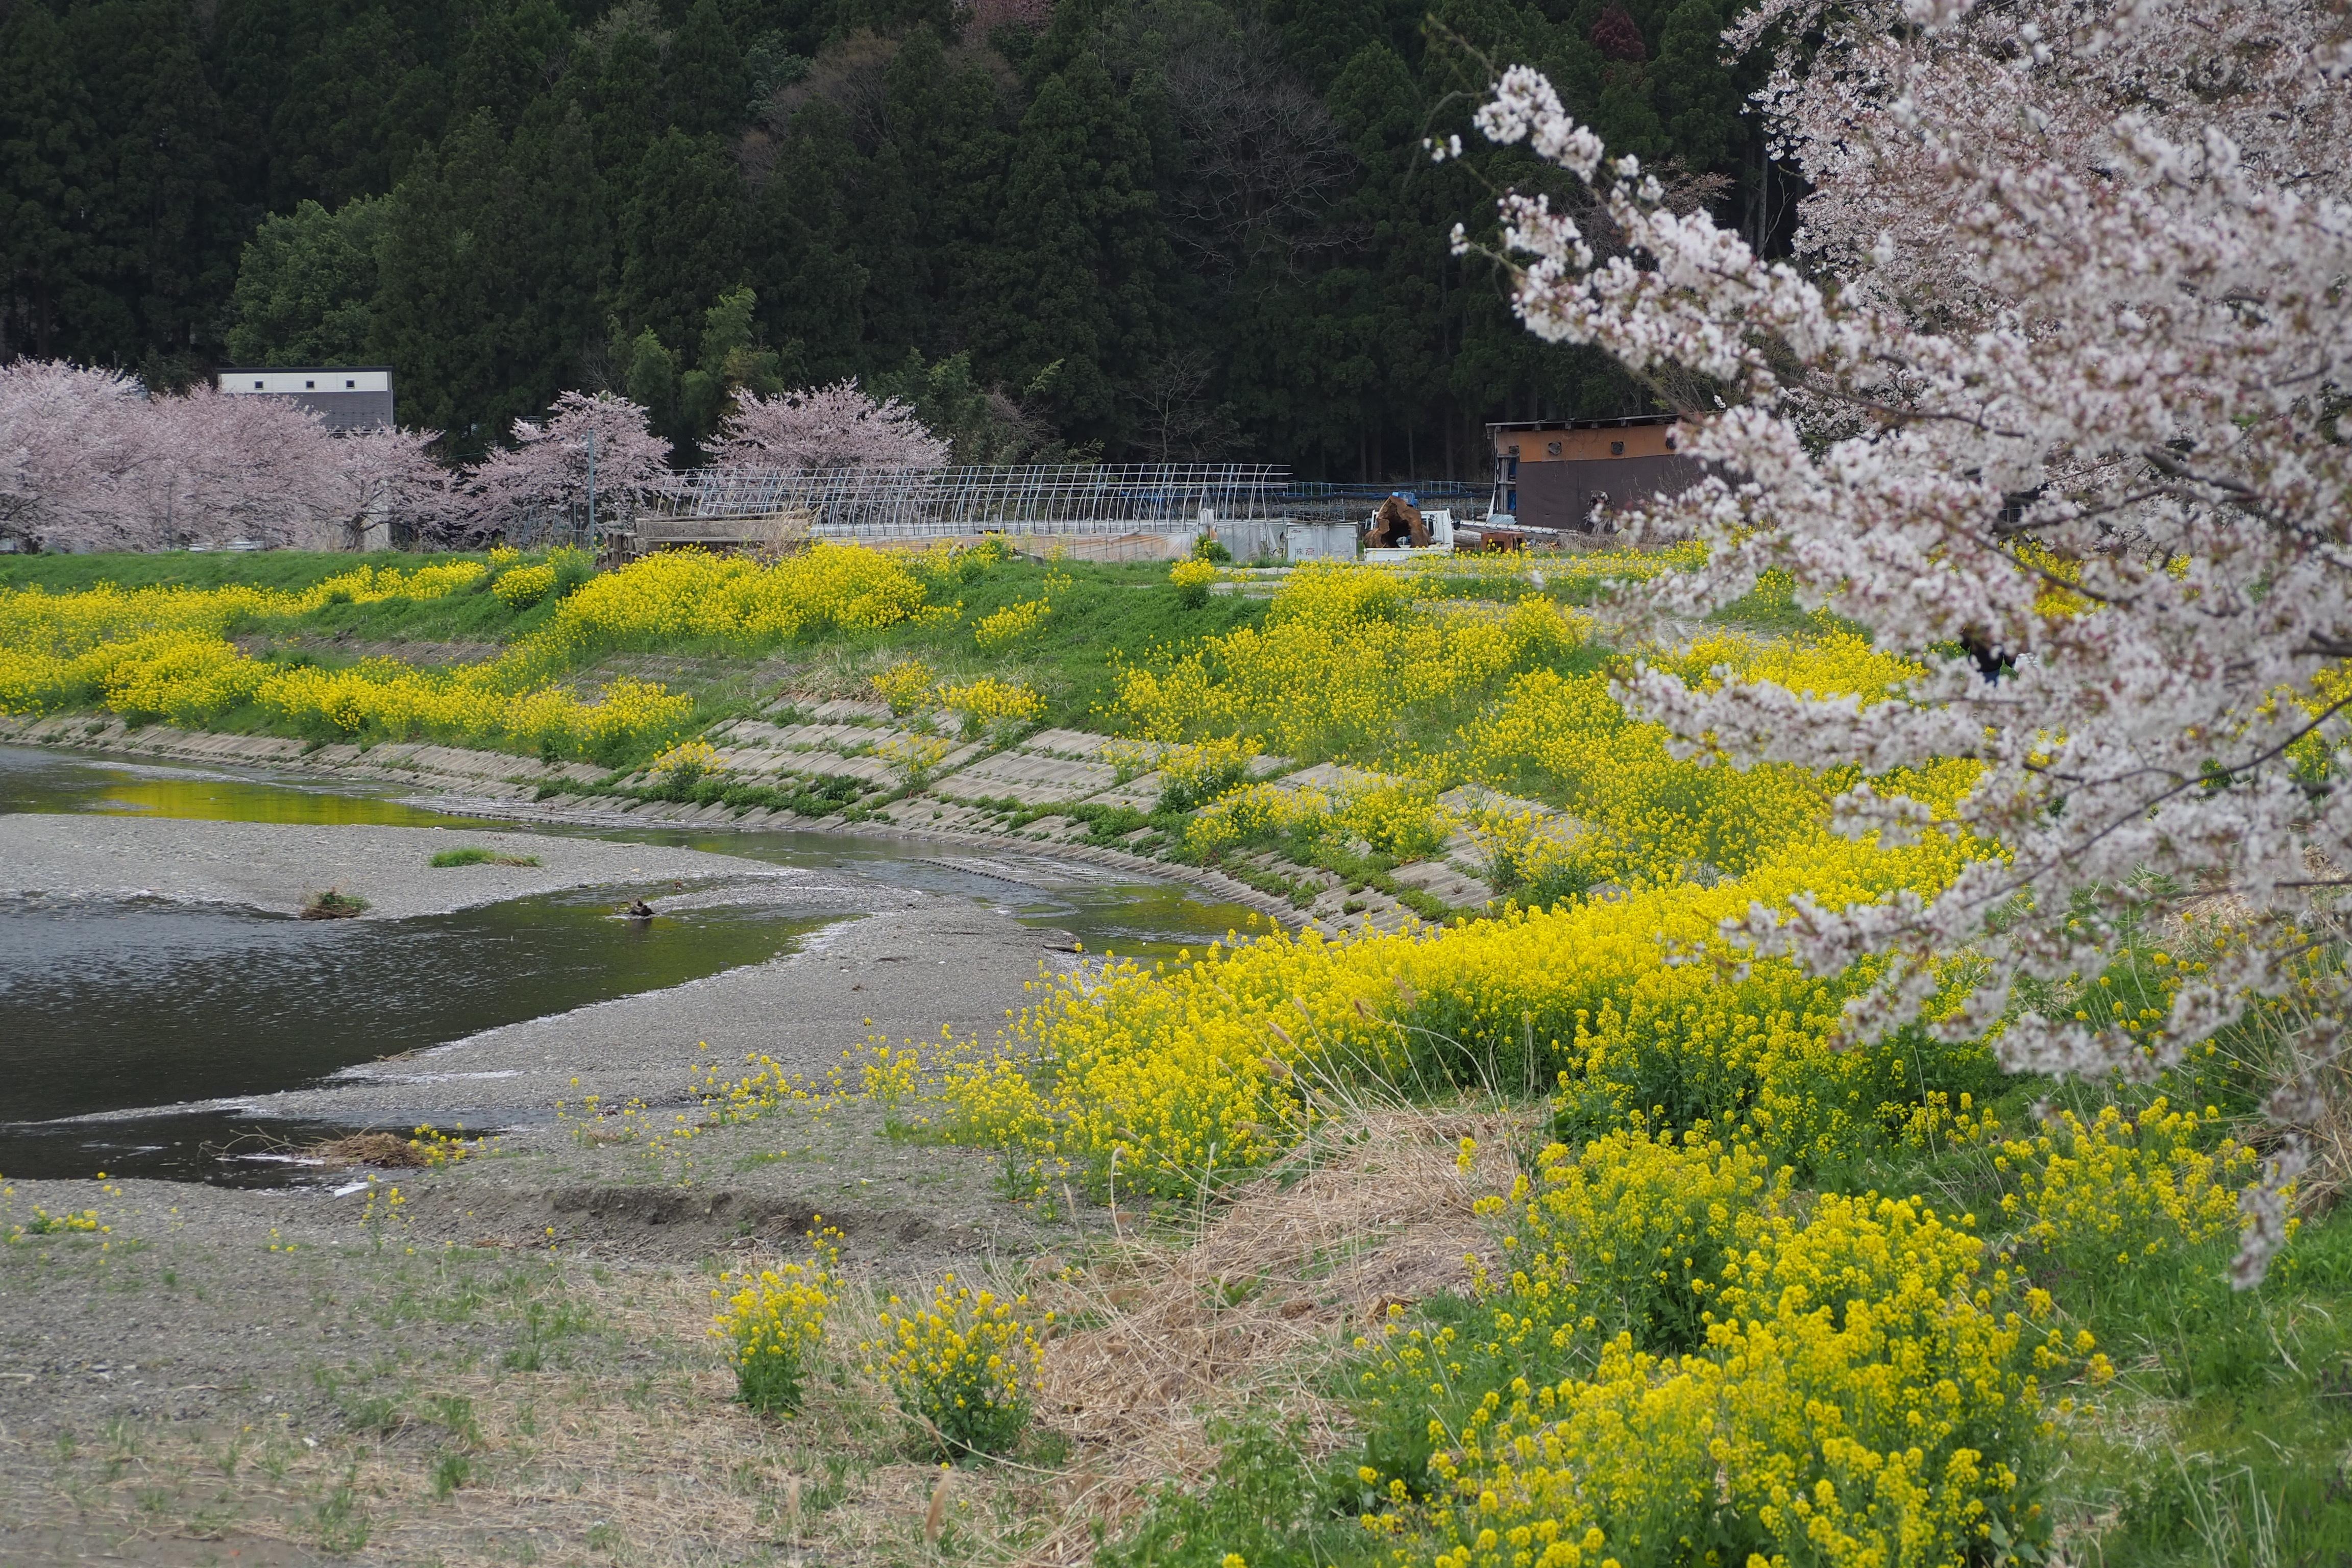 奥琵琶湖 お花見 ツーリング 余呉川 春の景色 菜の花 桜 長浜